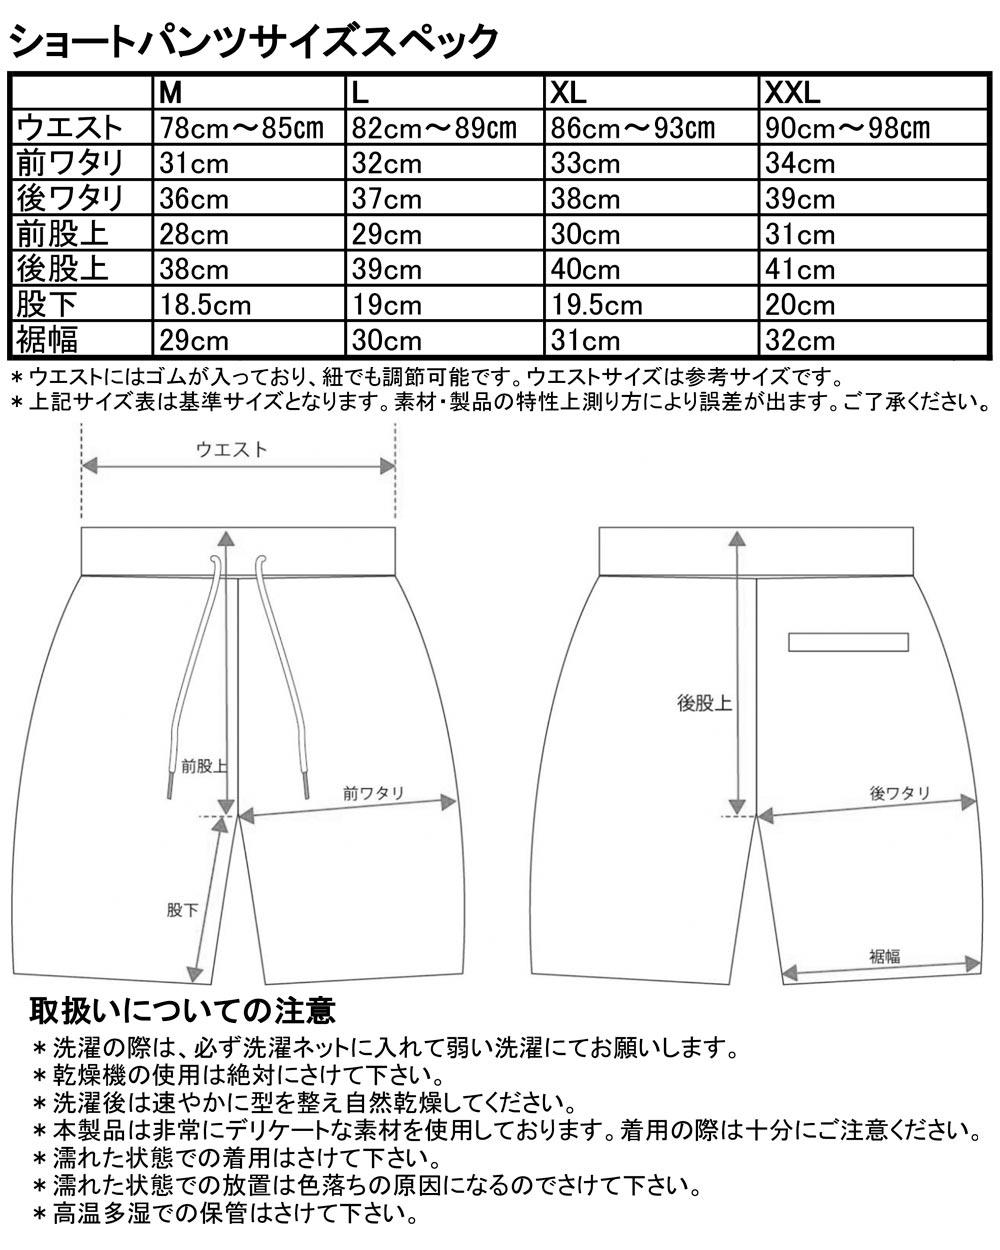 新日本プロレス ハーフパンツ 高橋ヒロムモデル ブラック XL